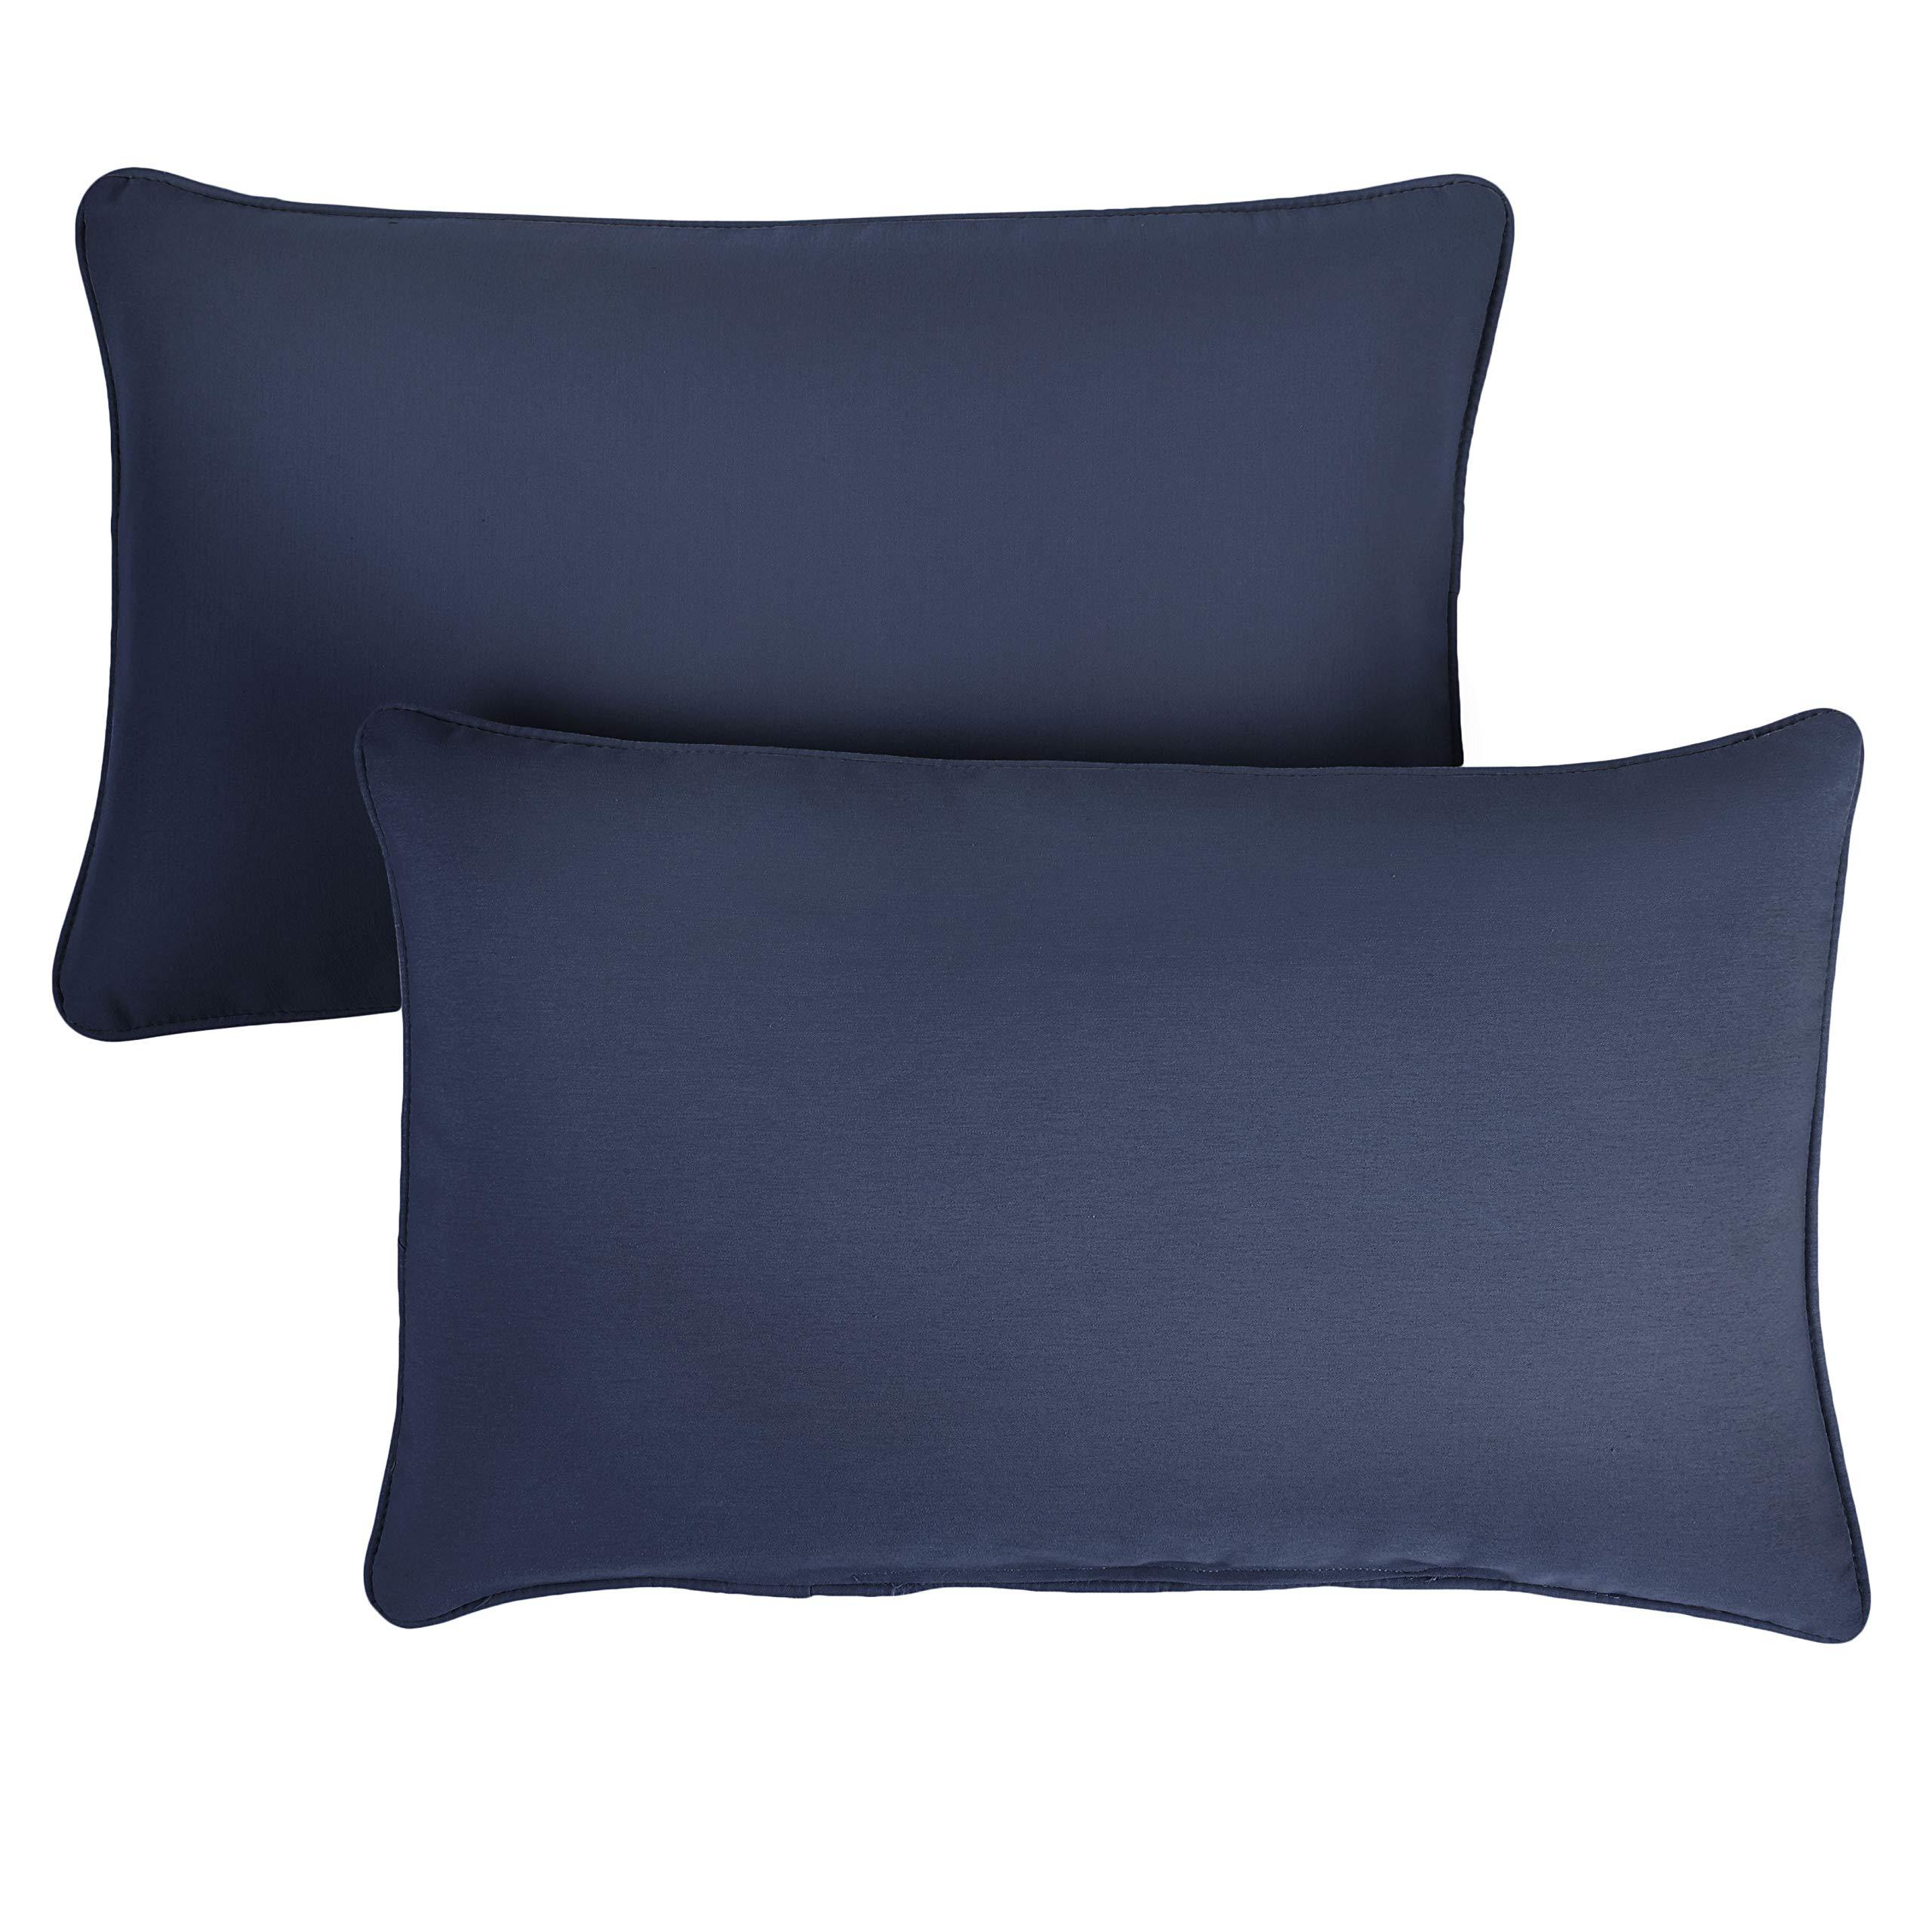 1101Design Sunbrella Canvas Navy Corded Decorative Indoor/Outdoor Rectangle Throw Pillows, Perfect Patio Decor - Canvas Navy Blue 14'' x 24'' (Set of 2)